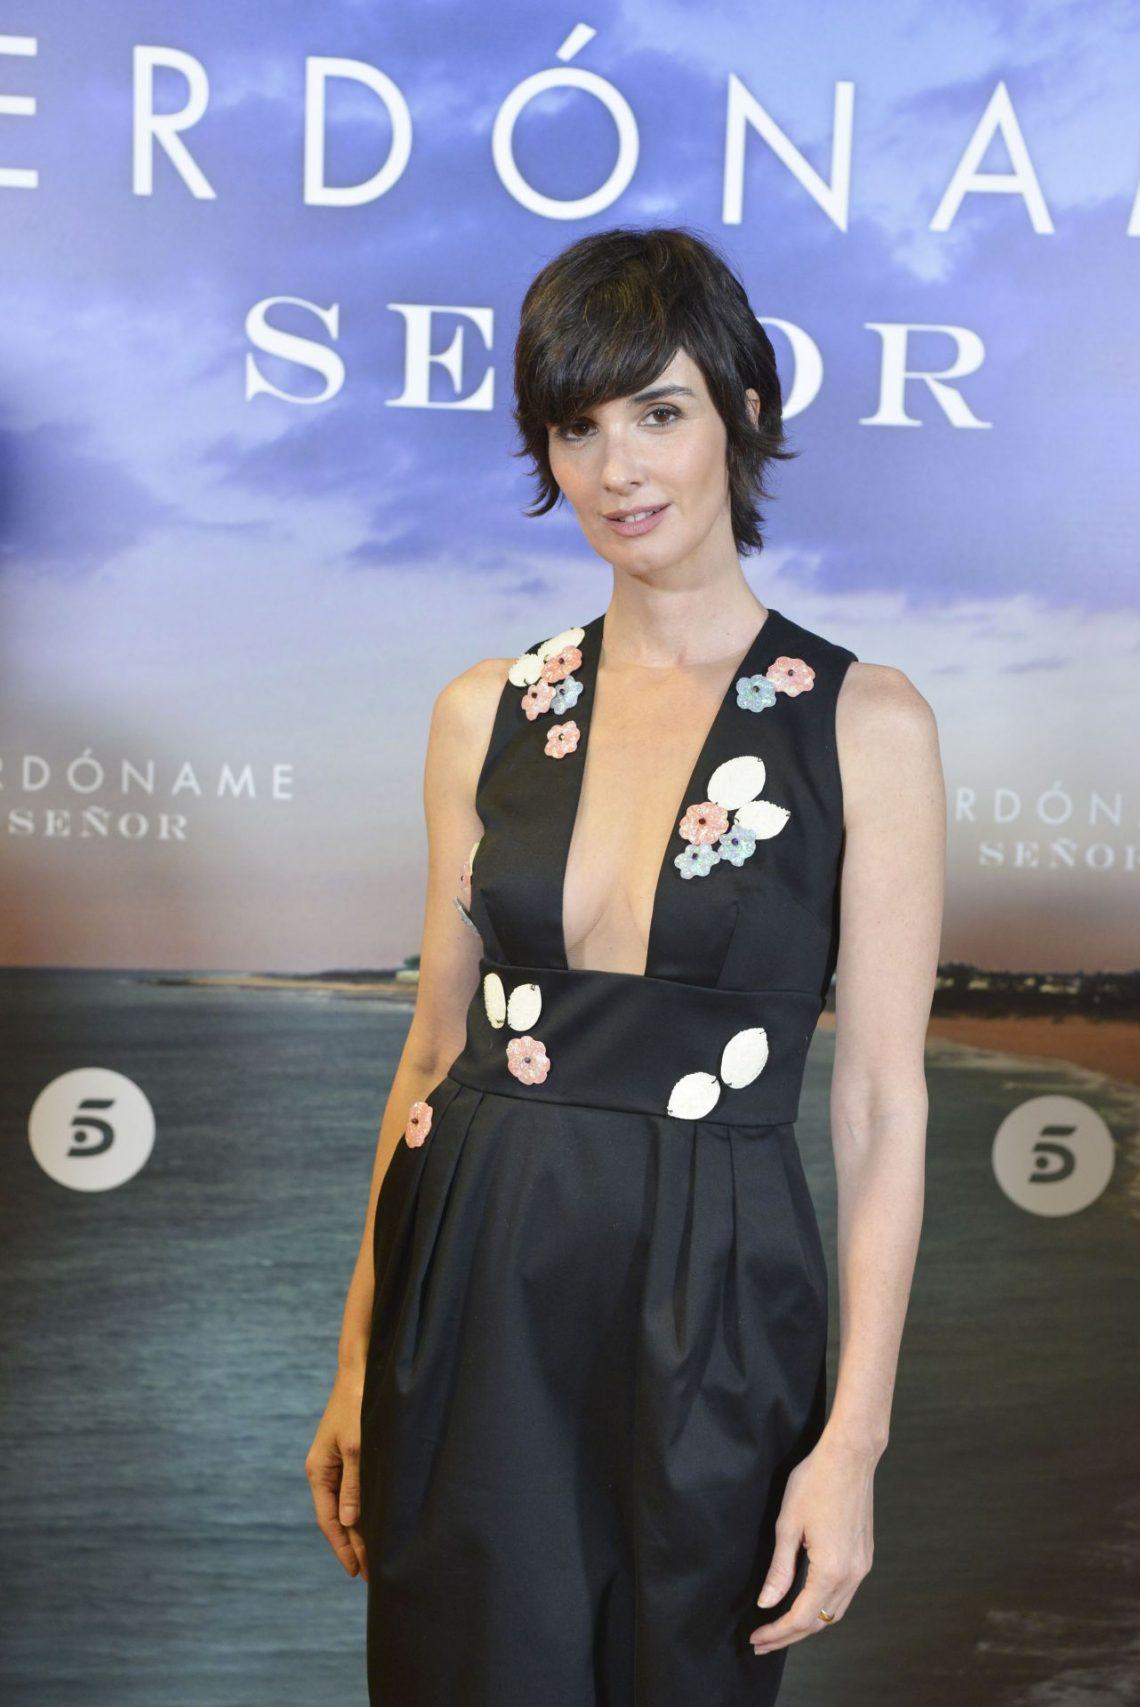 Paz Vega: 'Cuando hago películas no suelo llevar maquillaje y eso… ¡me encanta! Si te maquillas mucho escondes las emociones'